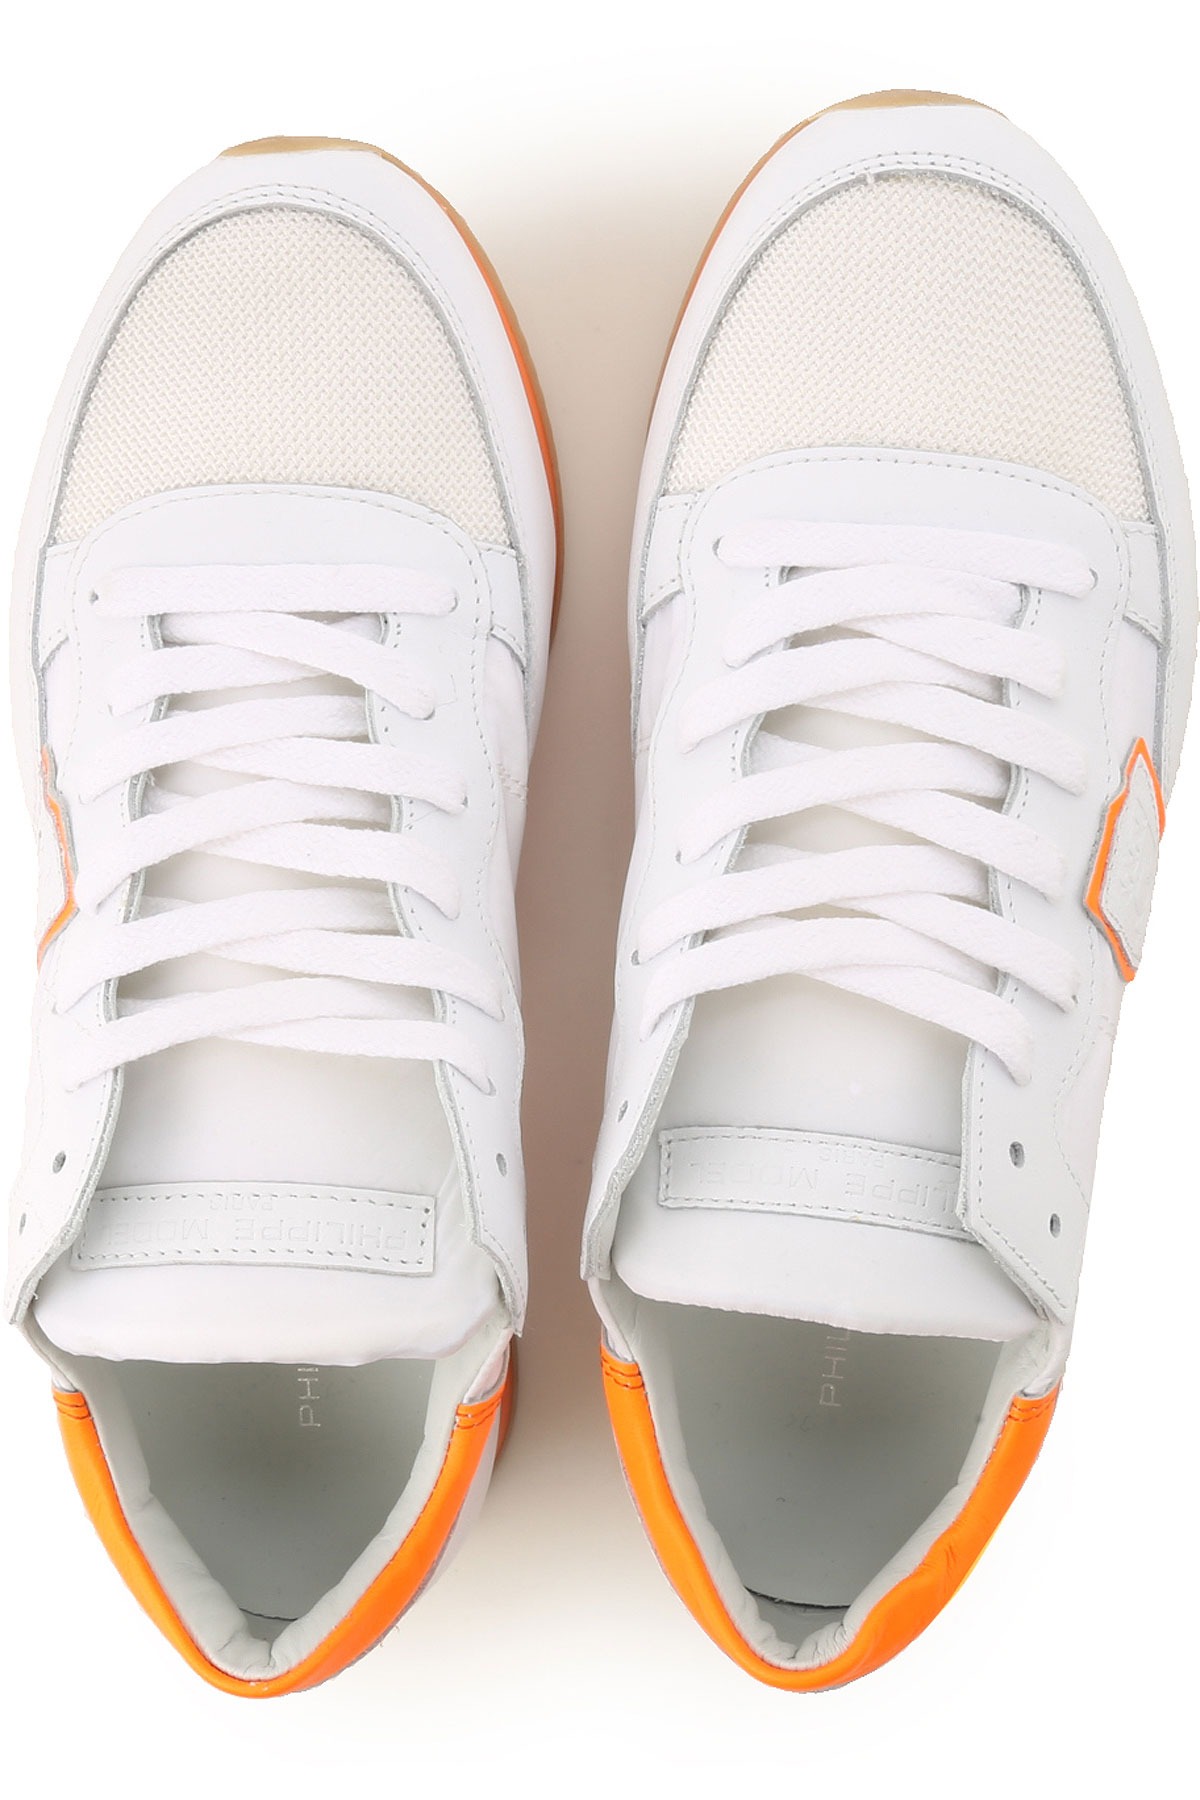 Naranja Fluorescente Mujer Zapatos Blanco Primavera Model 2019 Para Philippe verano pf78wZq4x